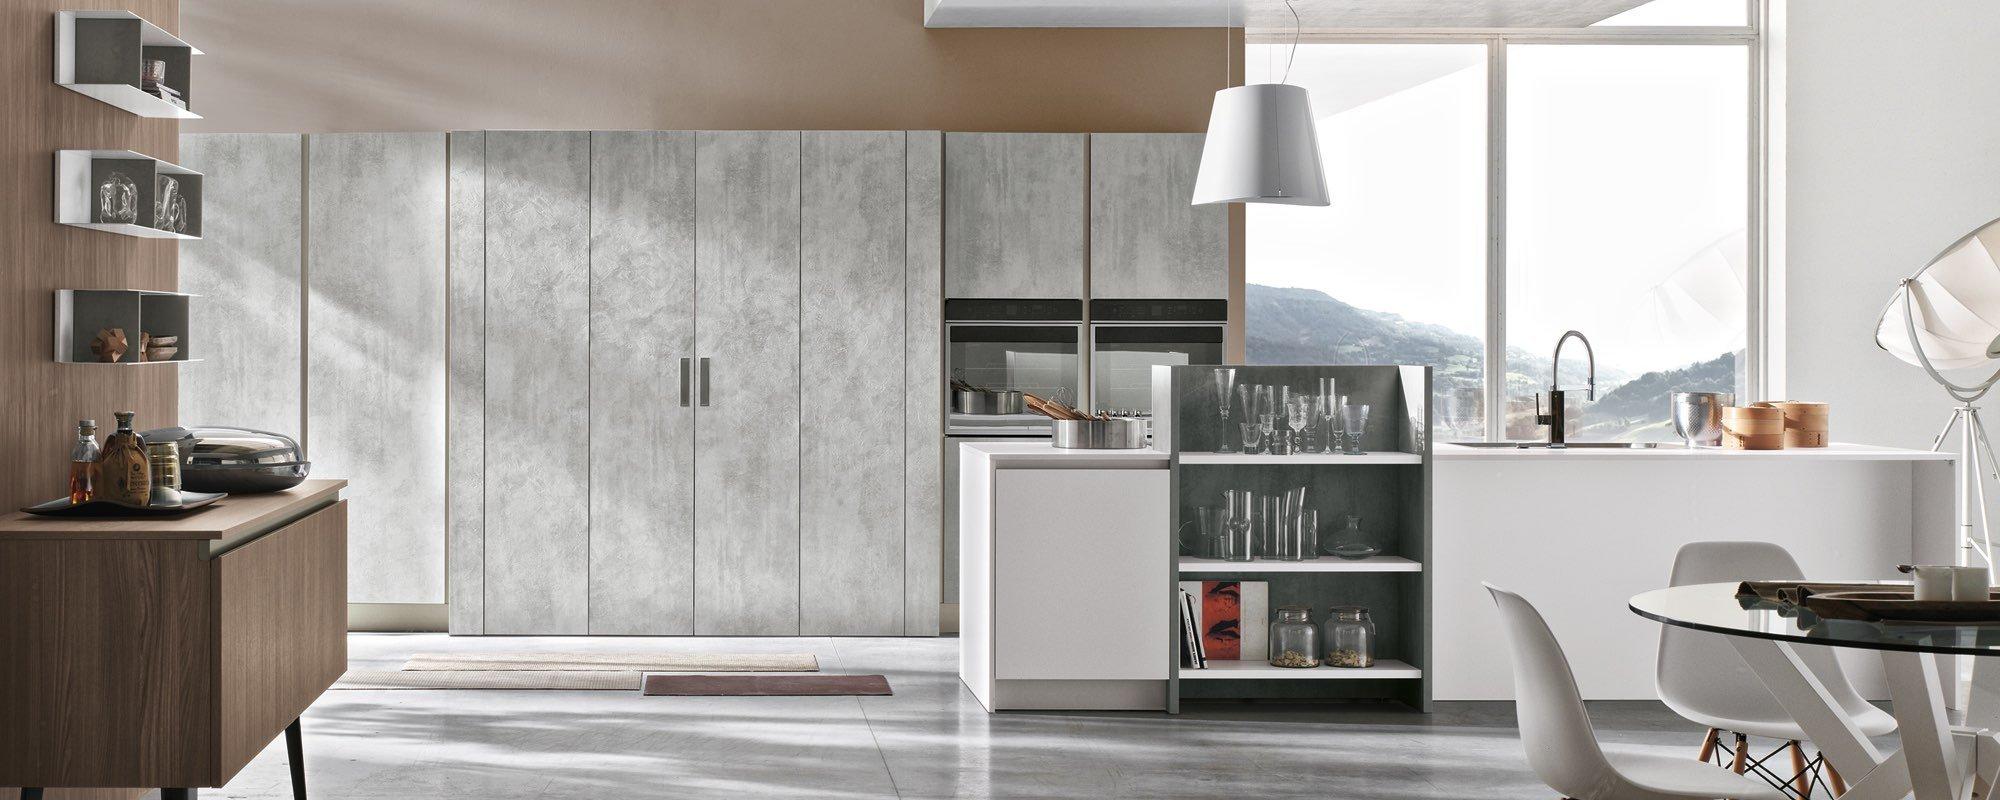 vista frontale di un mobile da cucina e vetrata con paesaggio di montagna